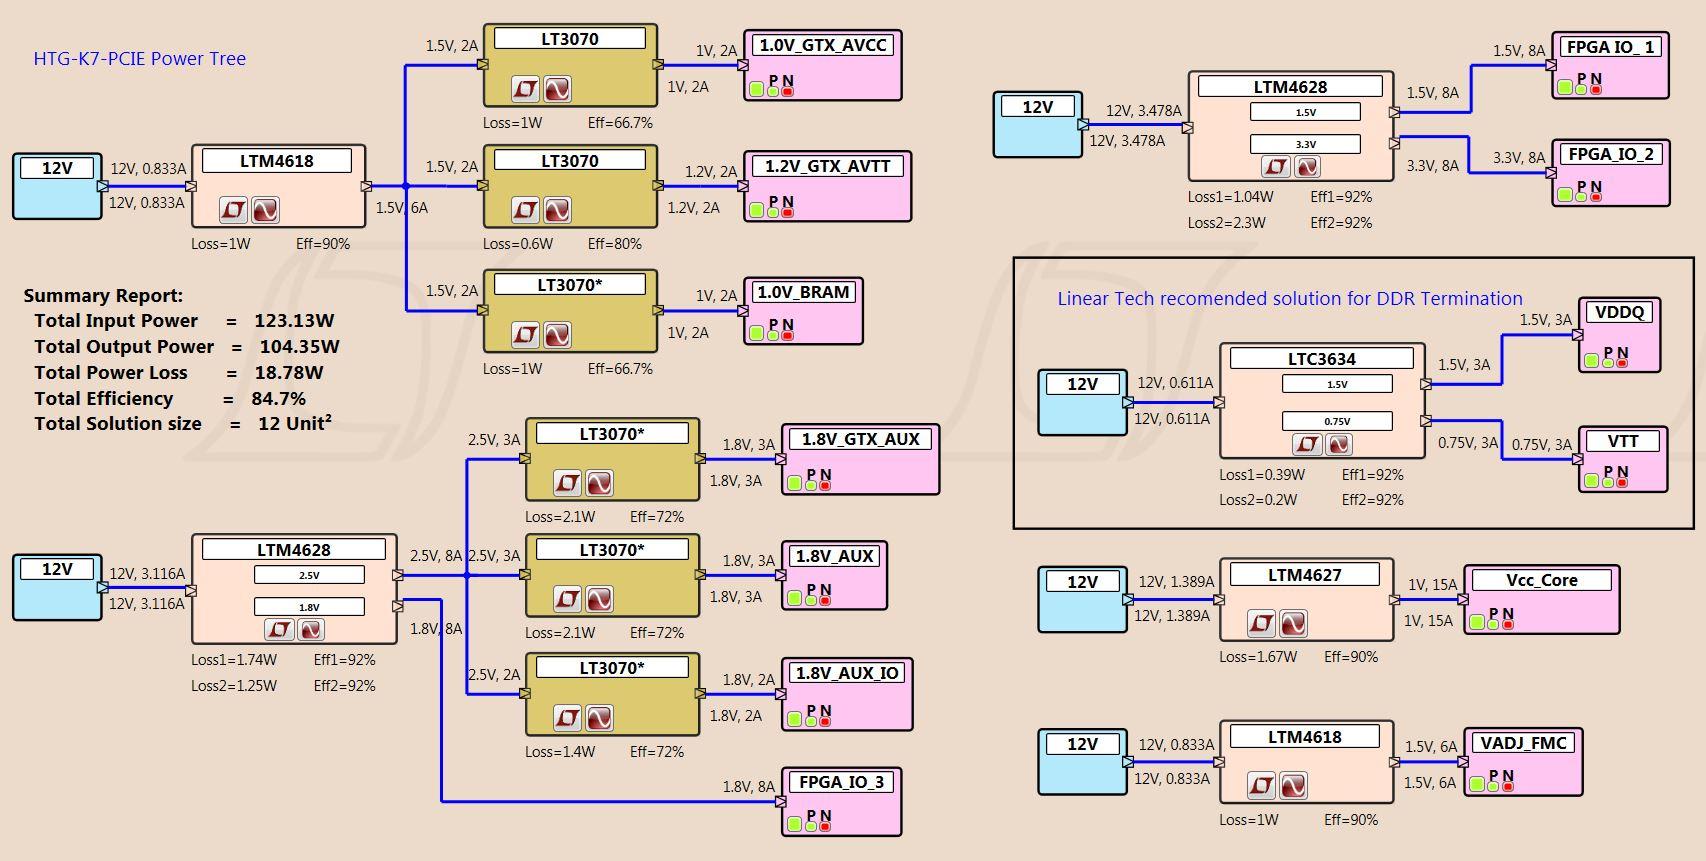 hight resolution of htg k7 pcie power tree